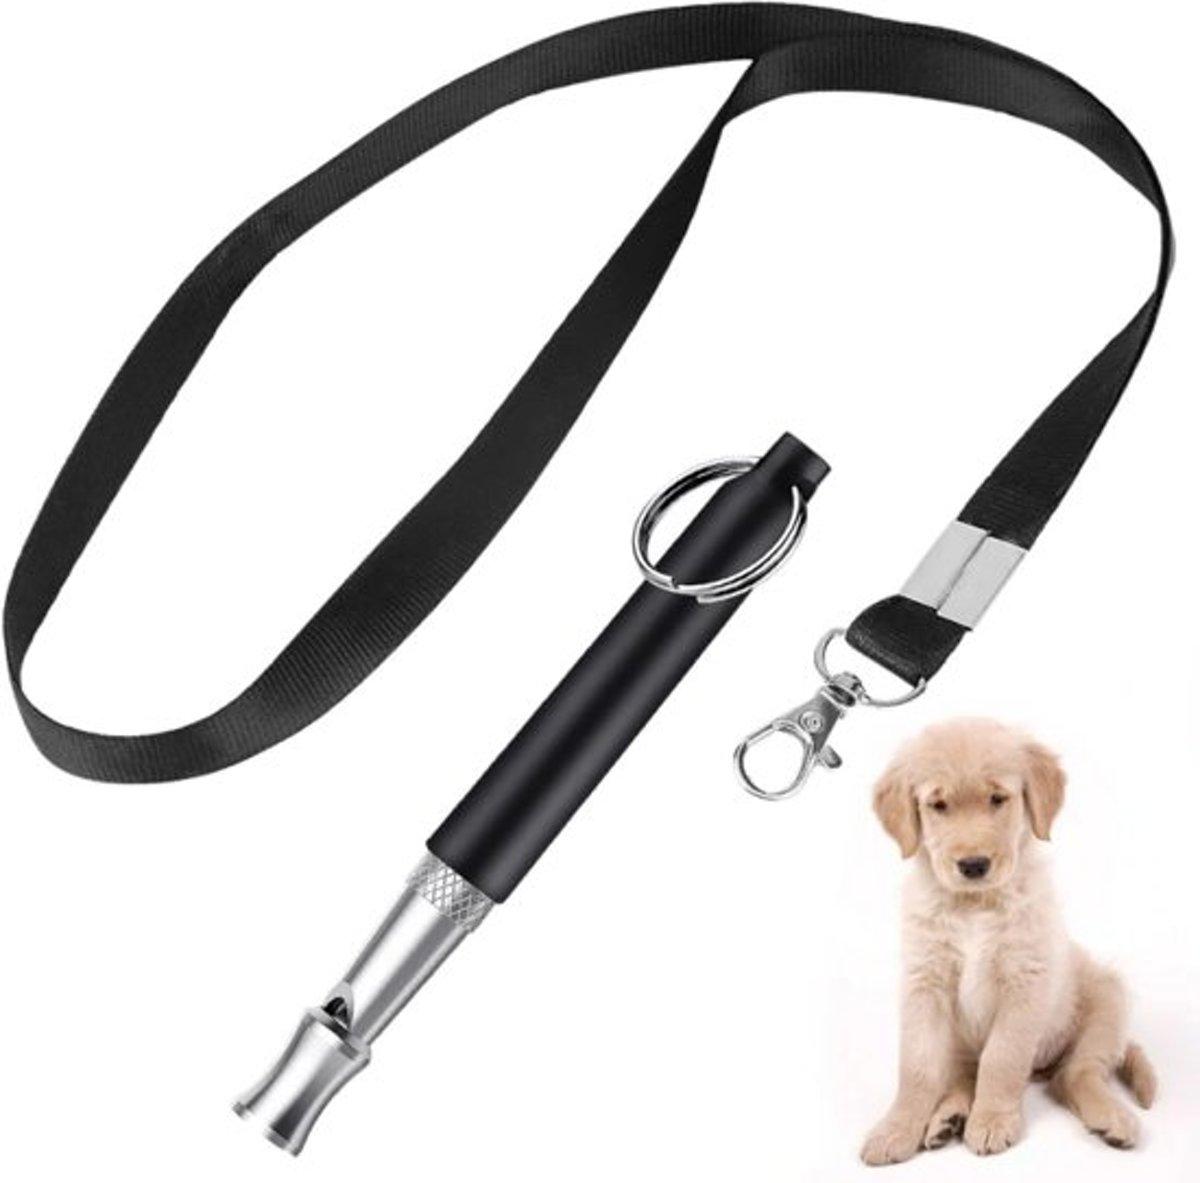 Ultrasoon Hondenfluitje Met Keycord - Honden Fluit / Fluitje kopen